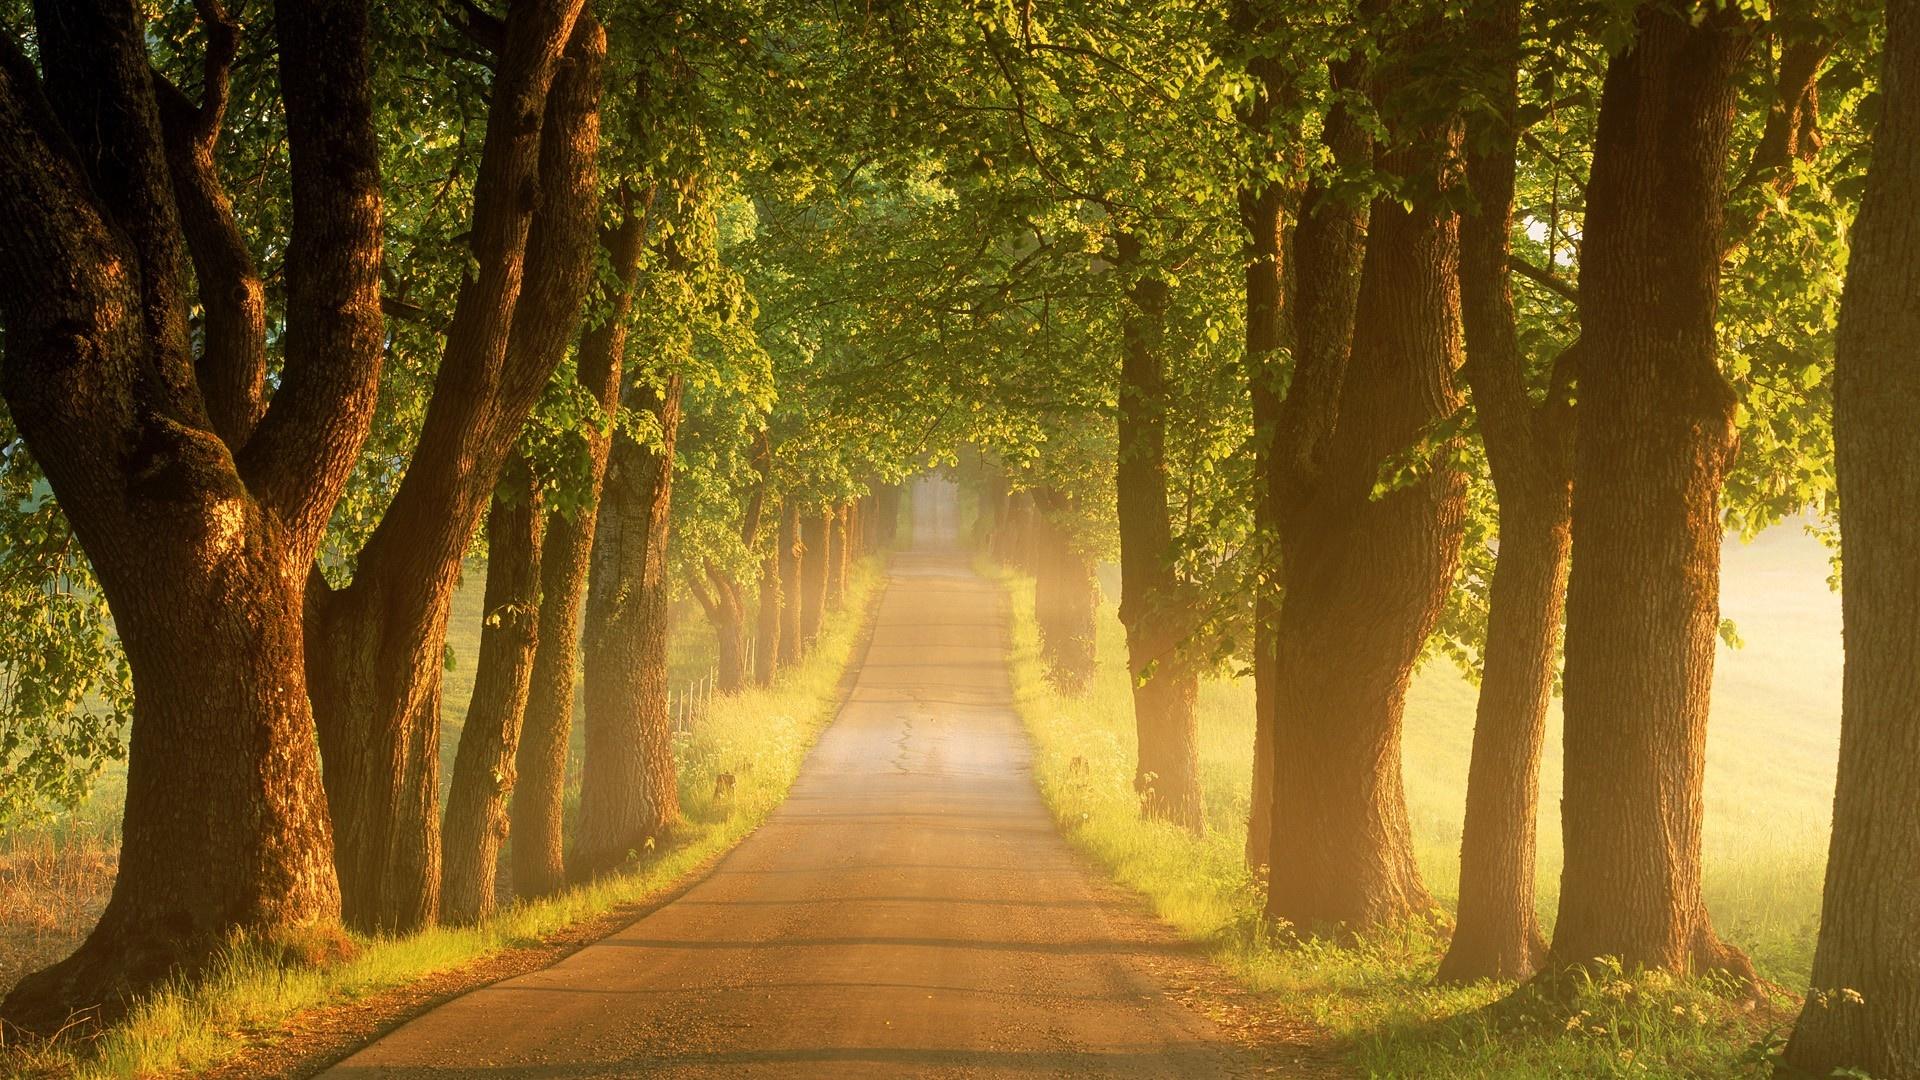 дерево дорога tree road  № 2404888 без смс